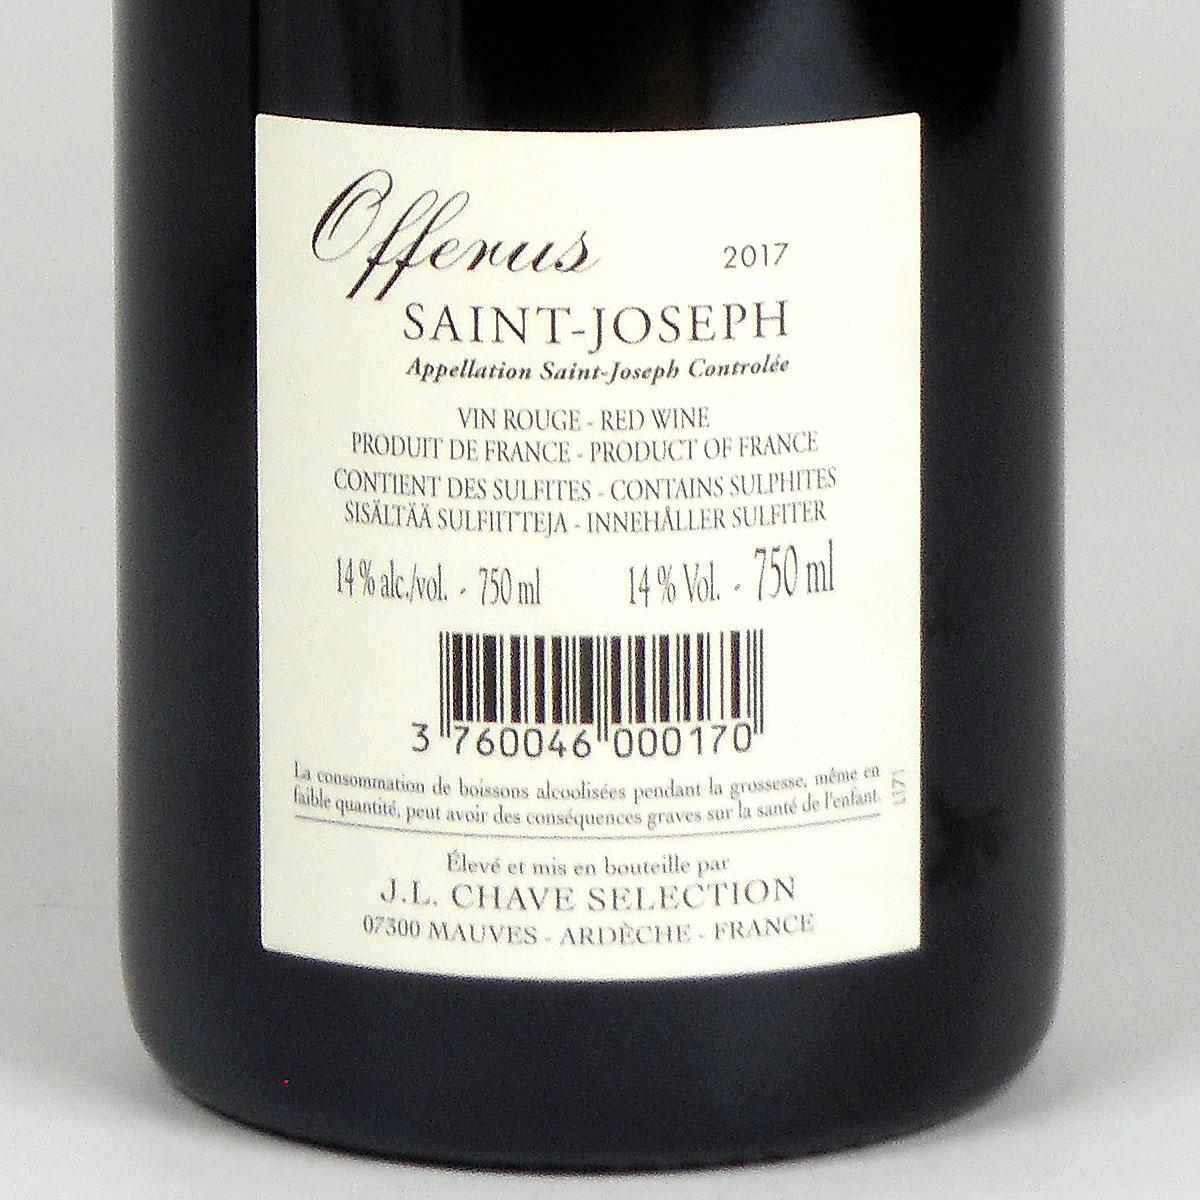 Saint-Joseph: Jean-Louis Chave Sélection 'Offerus' Rouge 2017 - Wine Bottle Rear Label